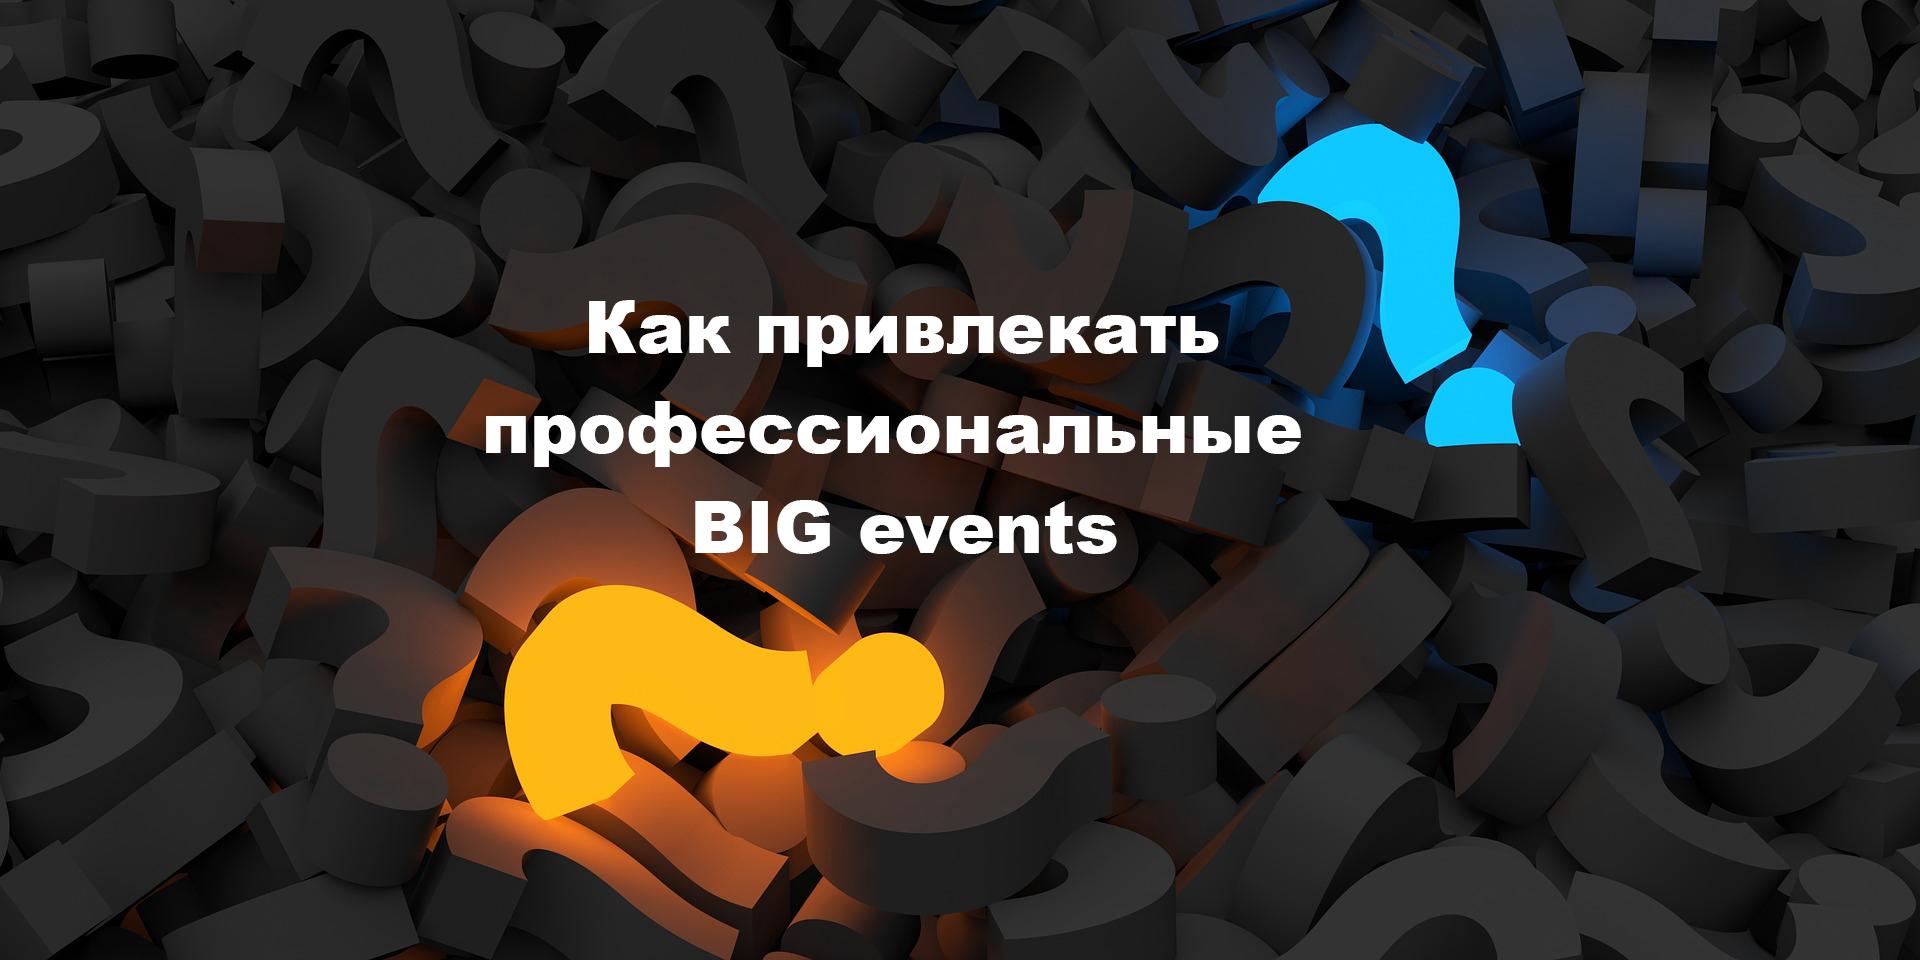 Как привлекать профессиональные BIG events